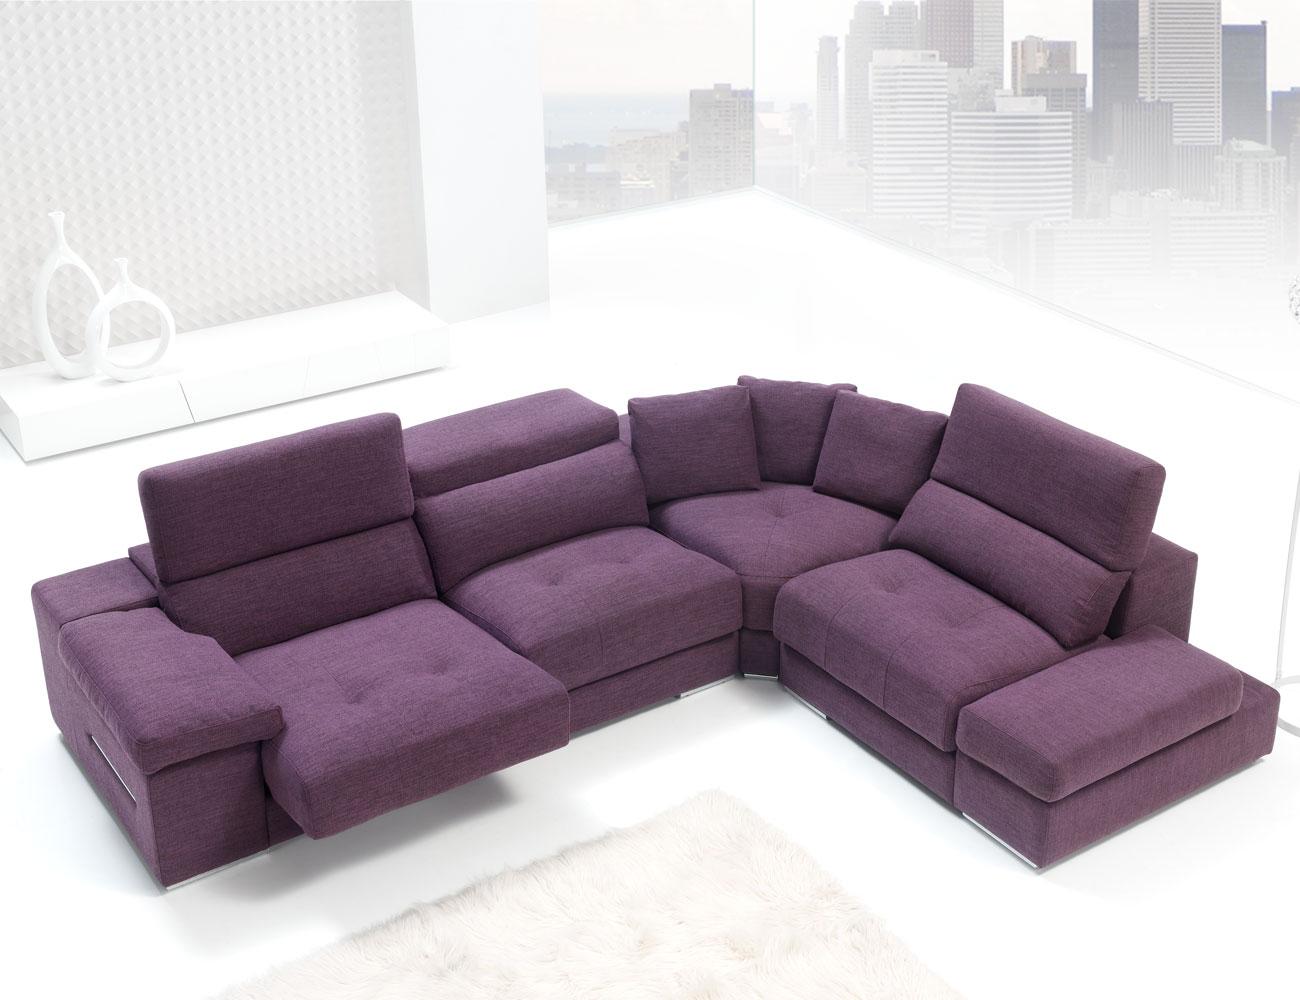 Sofa chaiselongue rincon con brazo mecanico tejido anti manchas 220